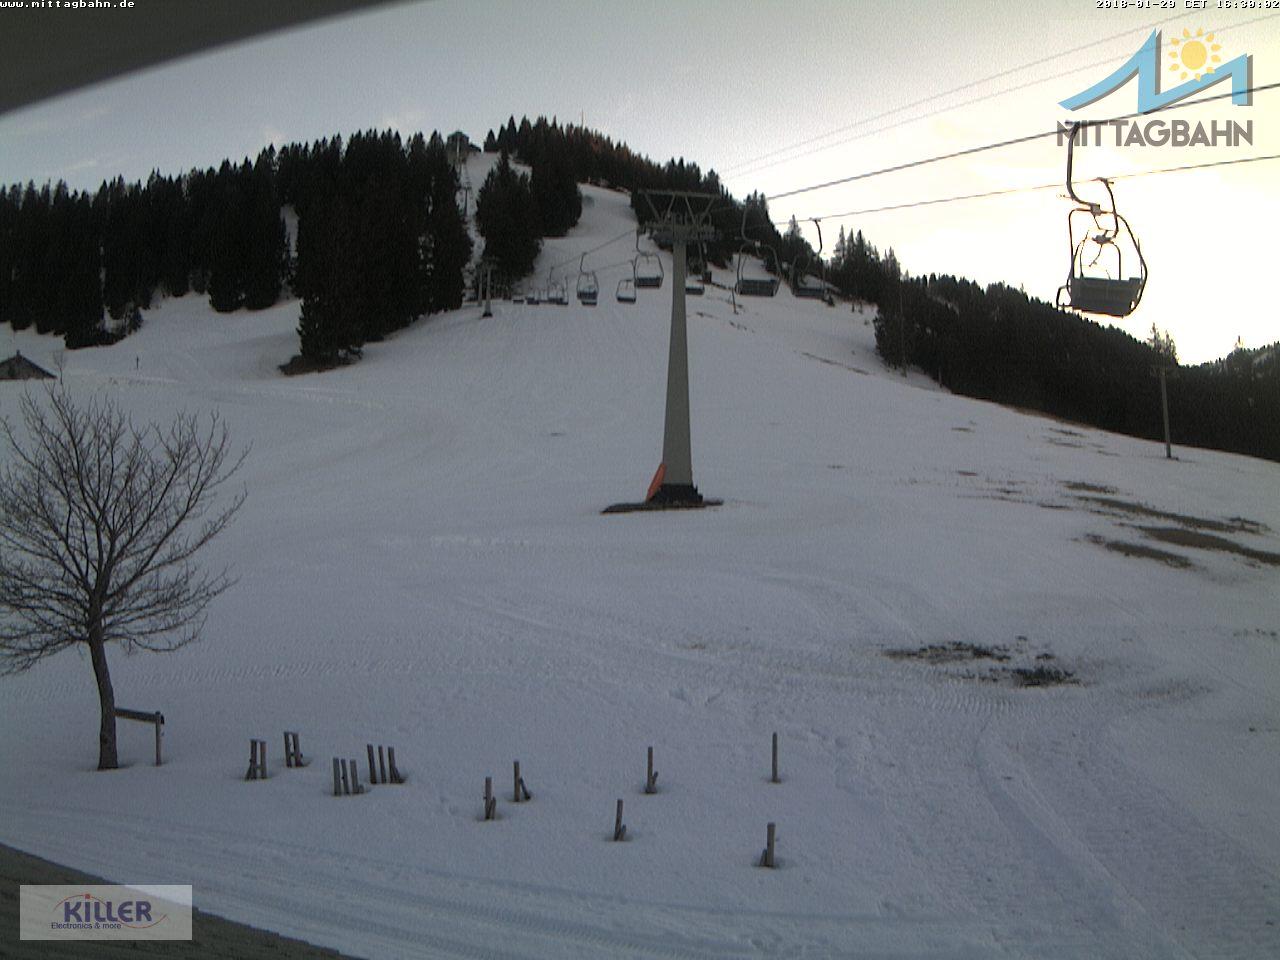 Webcam Skigebiet Immenstadt - Mittag cam 6 - Allgäu